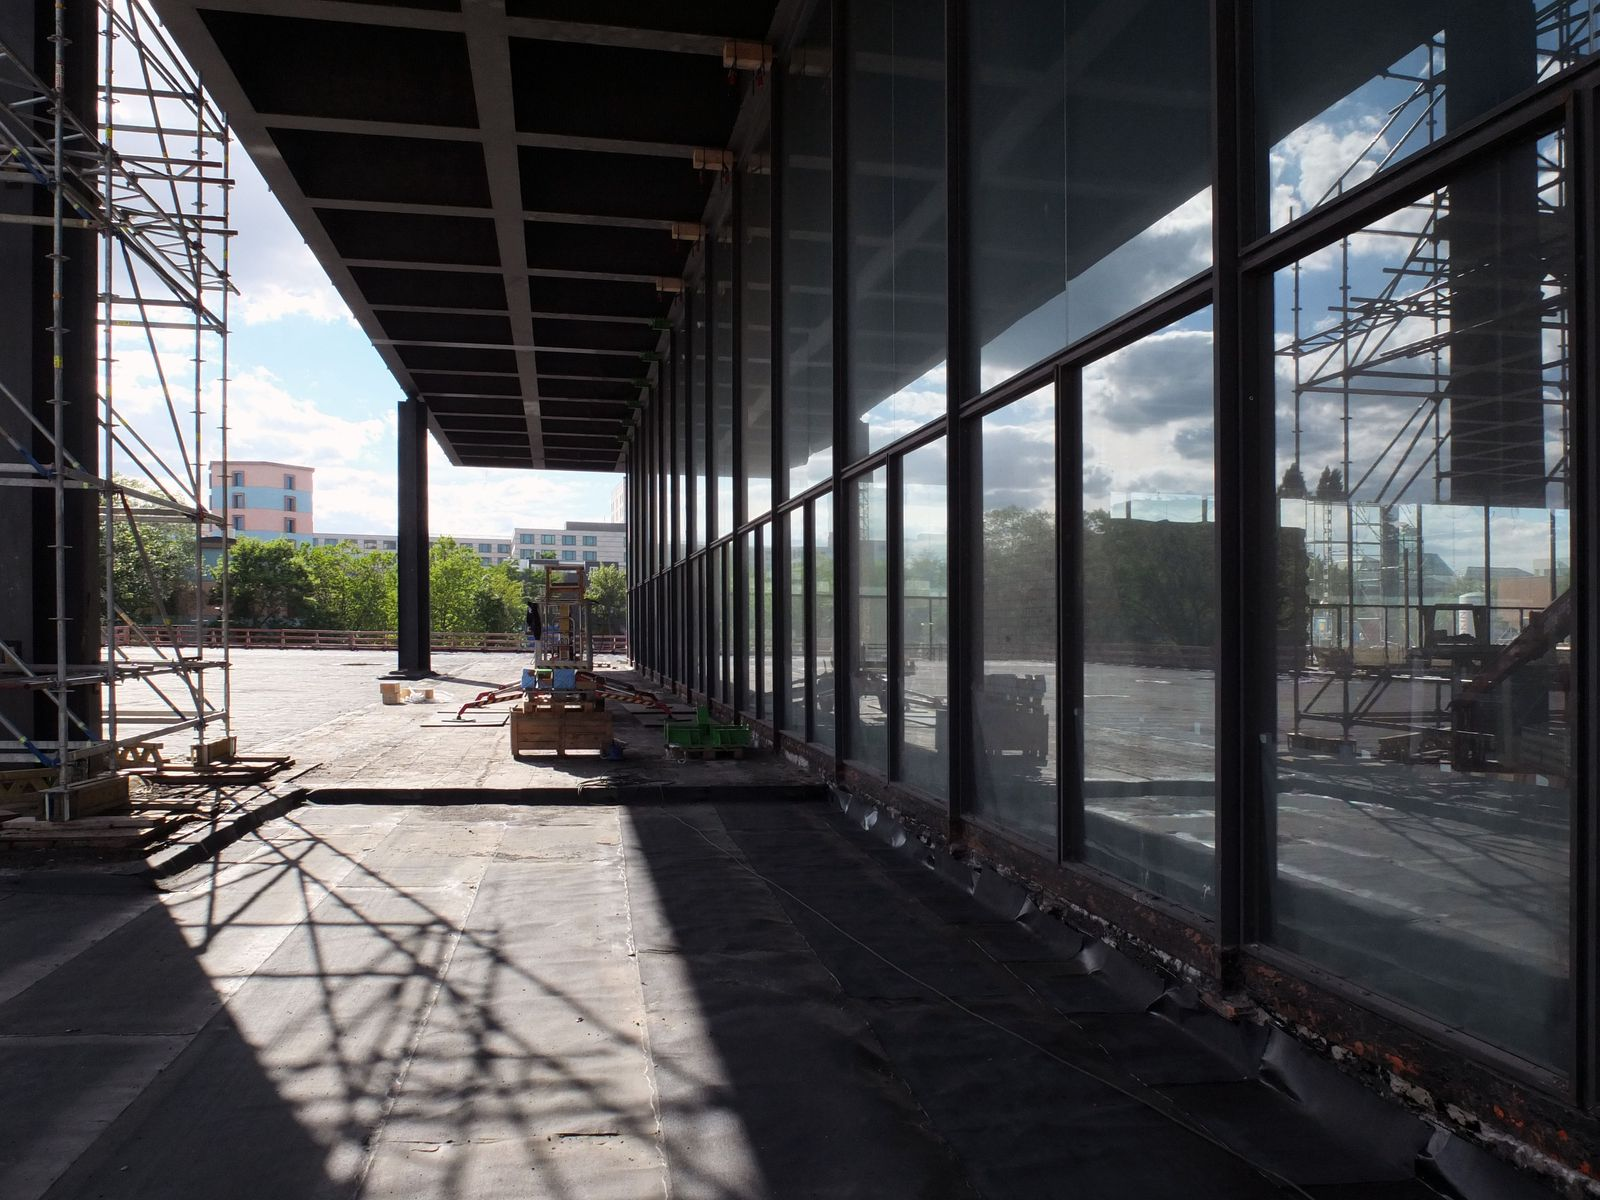 Eine der acht, sich nach oben verjüngenden Säulen, die das gesamte Dach des Museums tragen. Foto: schmedding.vonmarlin.